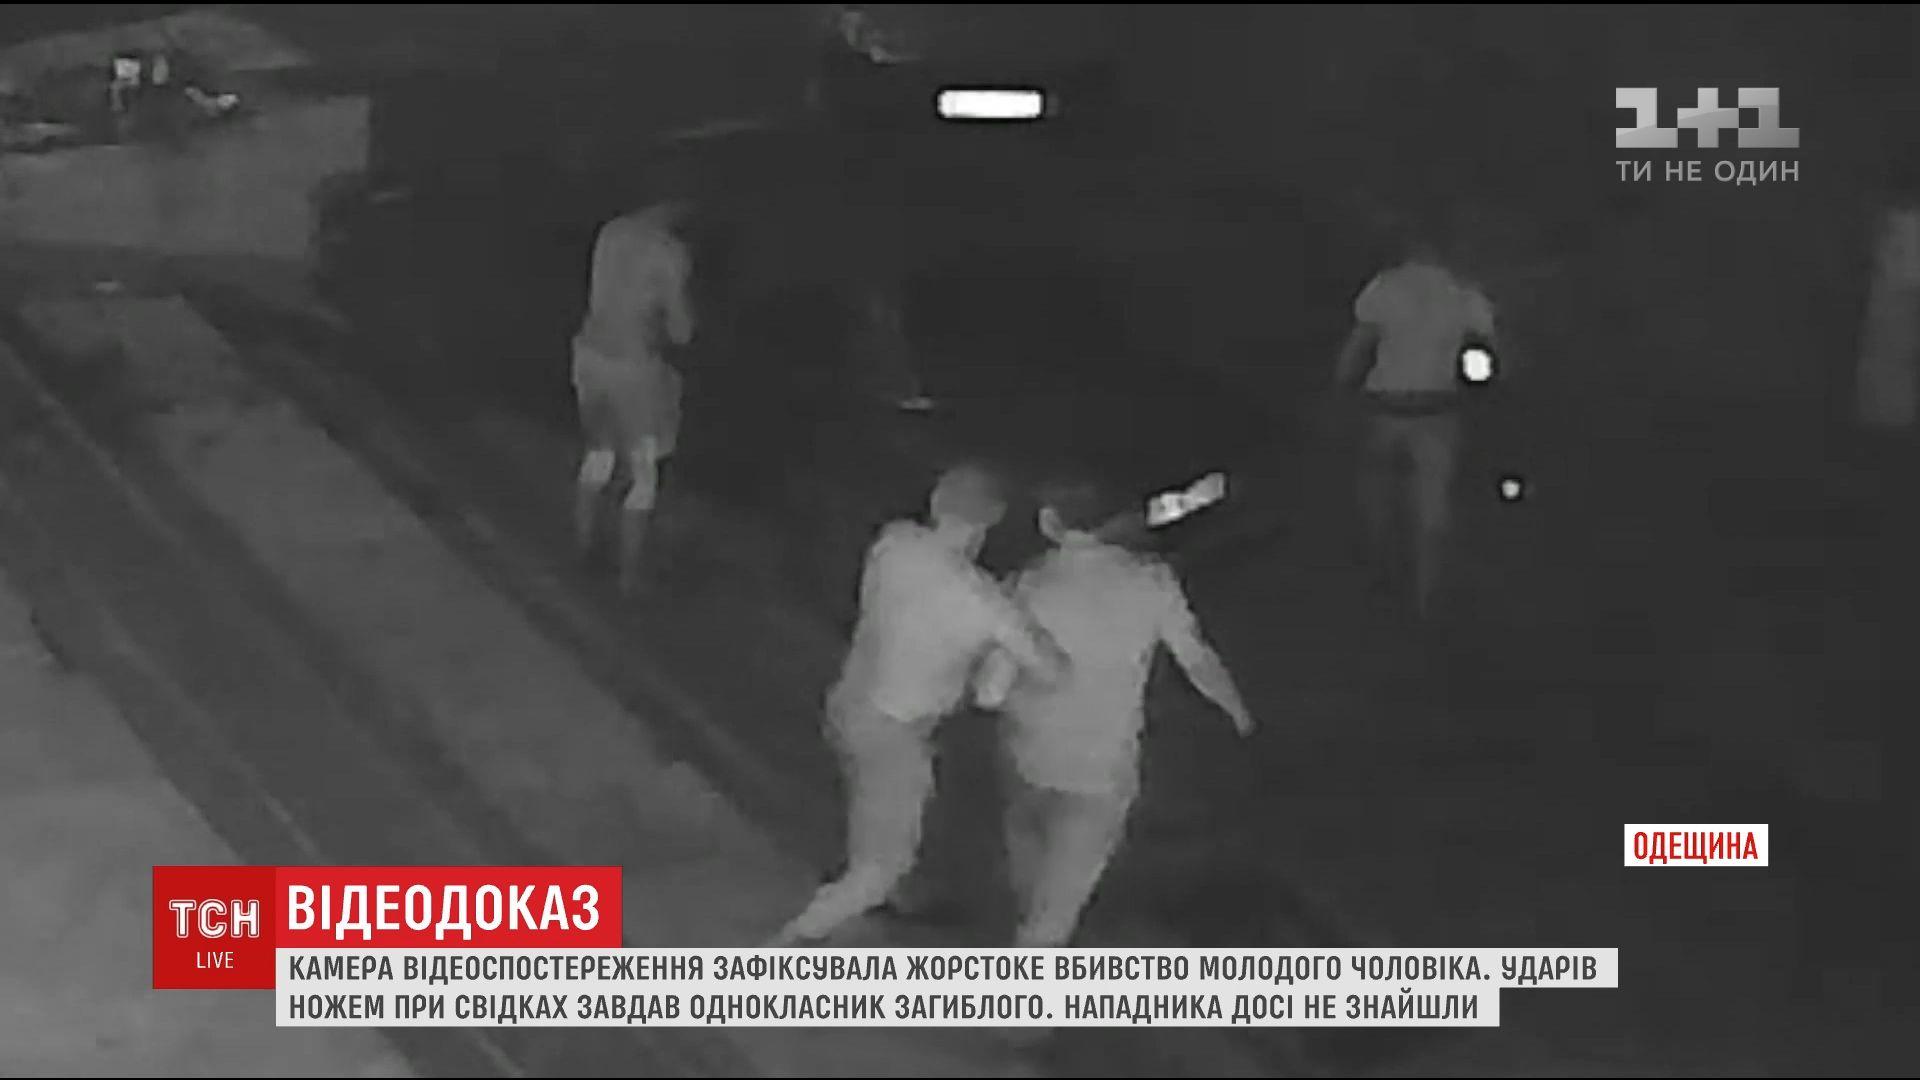 Убийца сейчас в бегах / скриншот видео ТСН